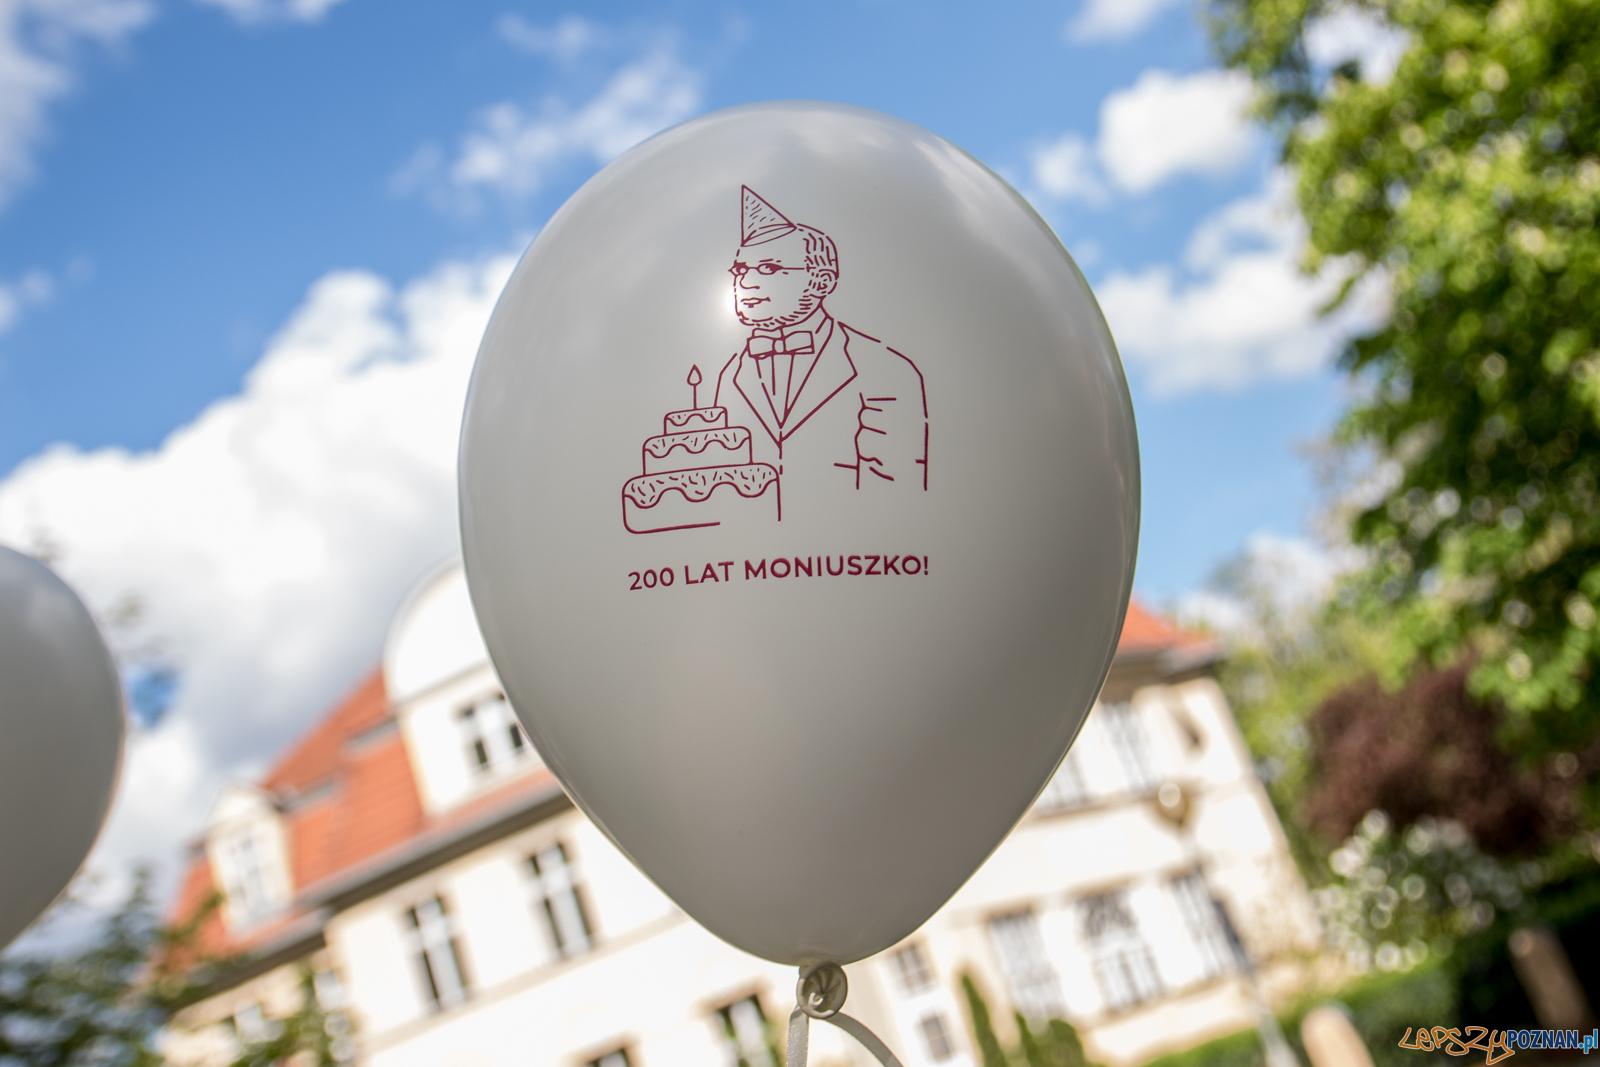 Urodziny Stanisława Moniuszki  Foto: lepszyPOZNAN.pl / Ewelina Jaśkowiak